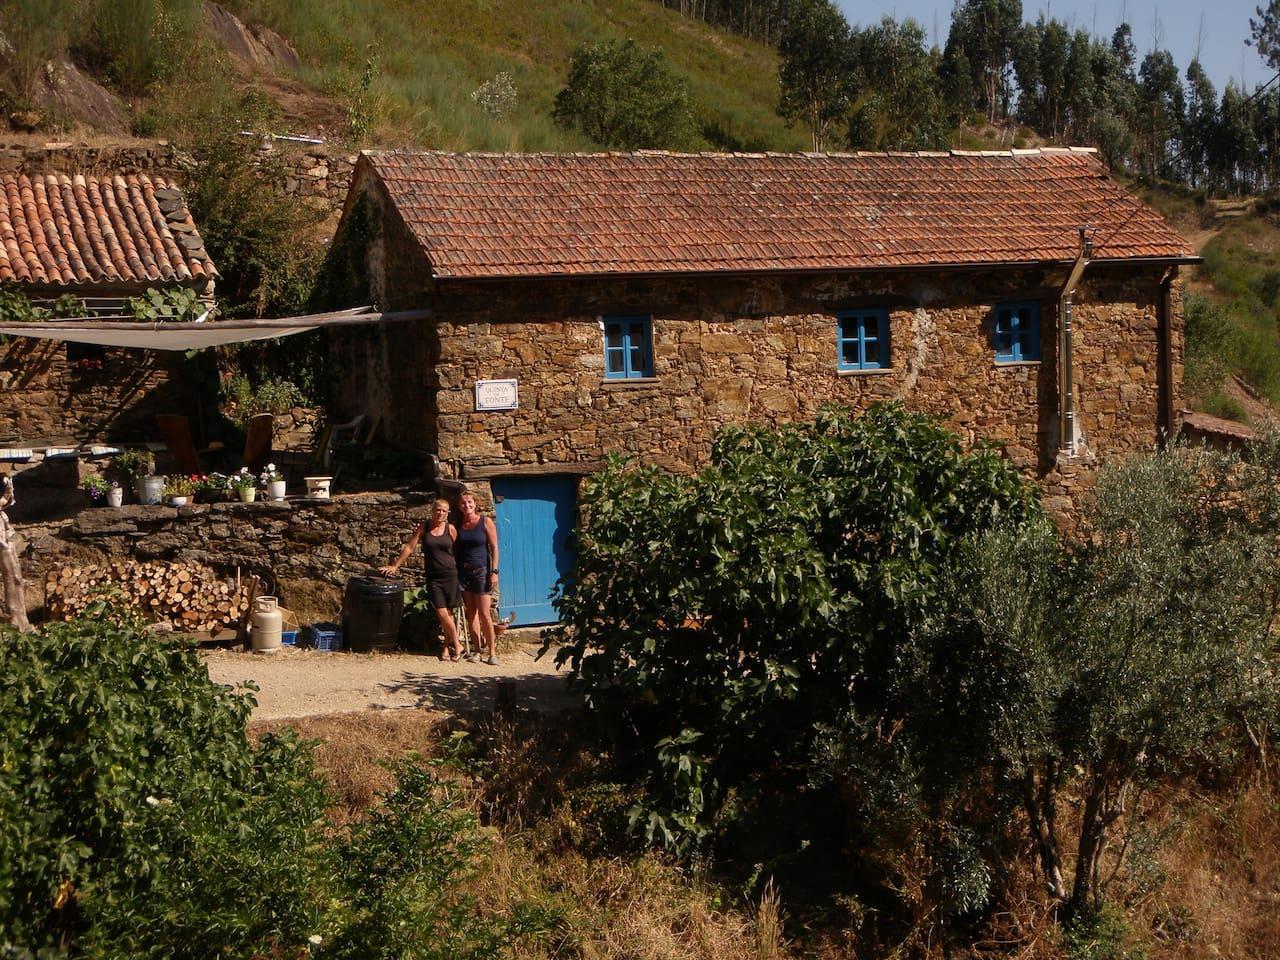 The small farmhouse of Agro-turismo Quinta da Fonte